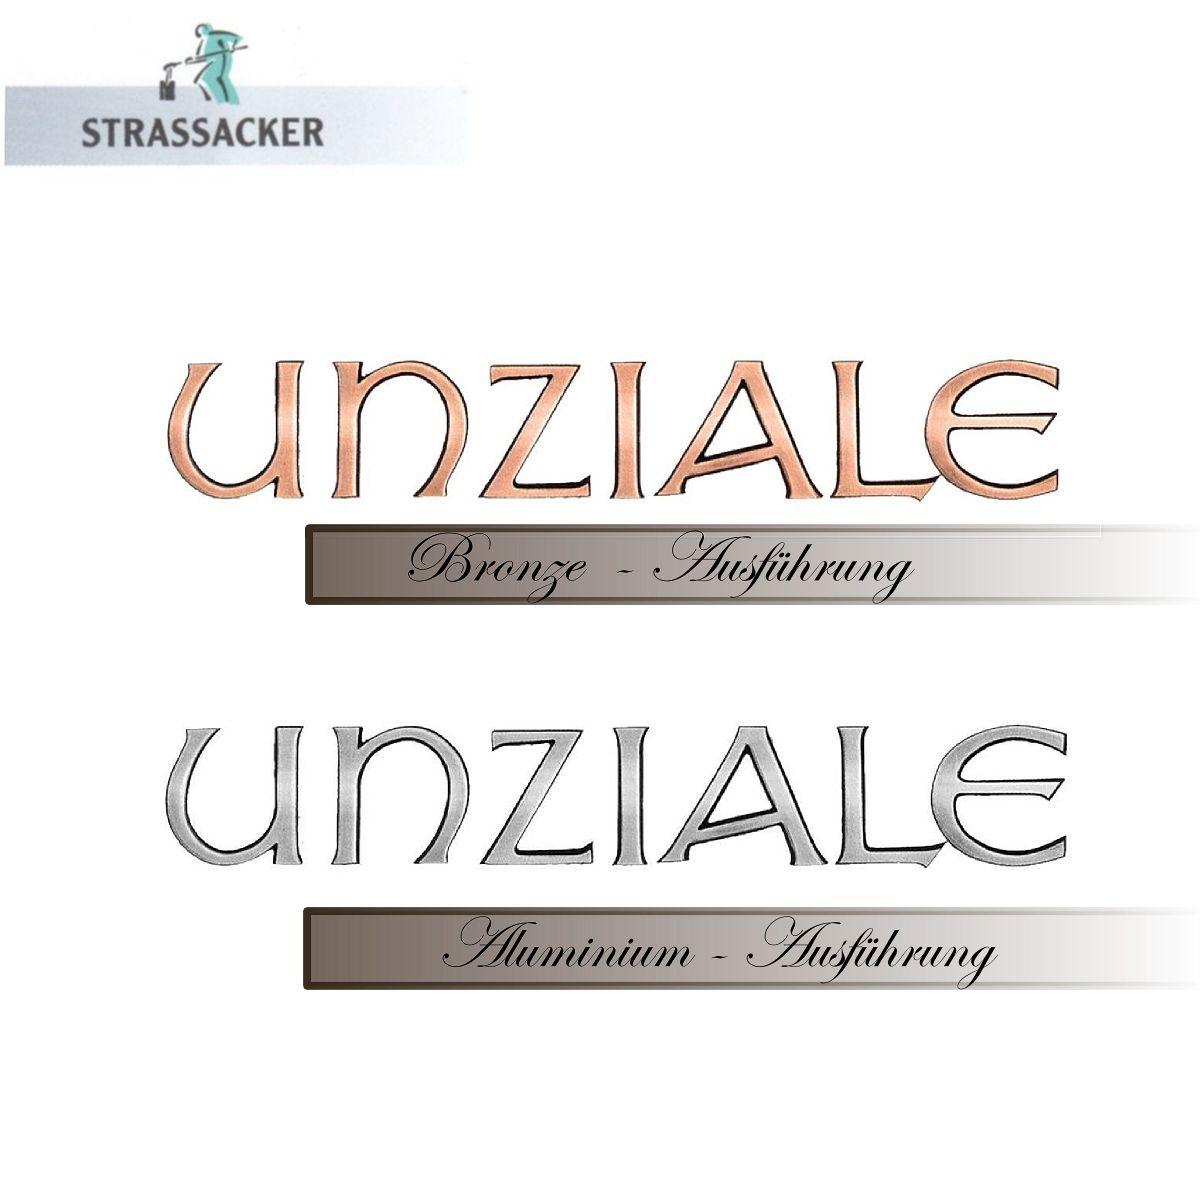 Buchstaben Für Grabsteine Unziale Aus Bronze Und Aluminium